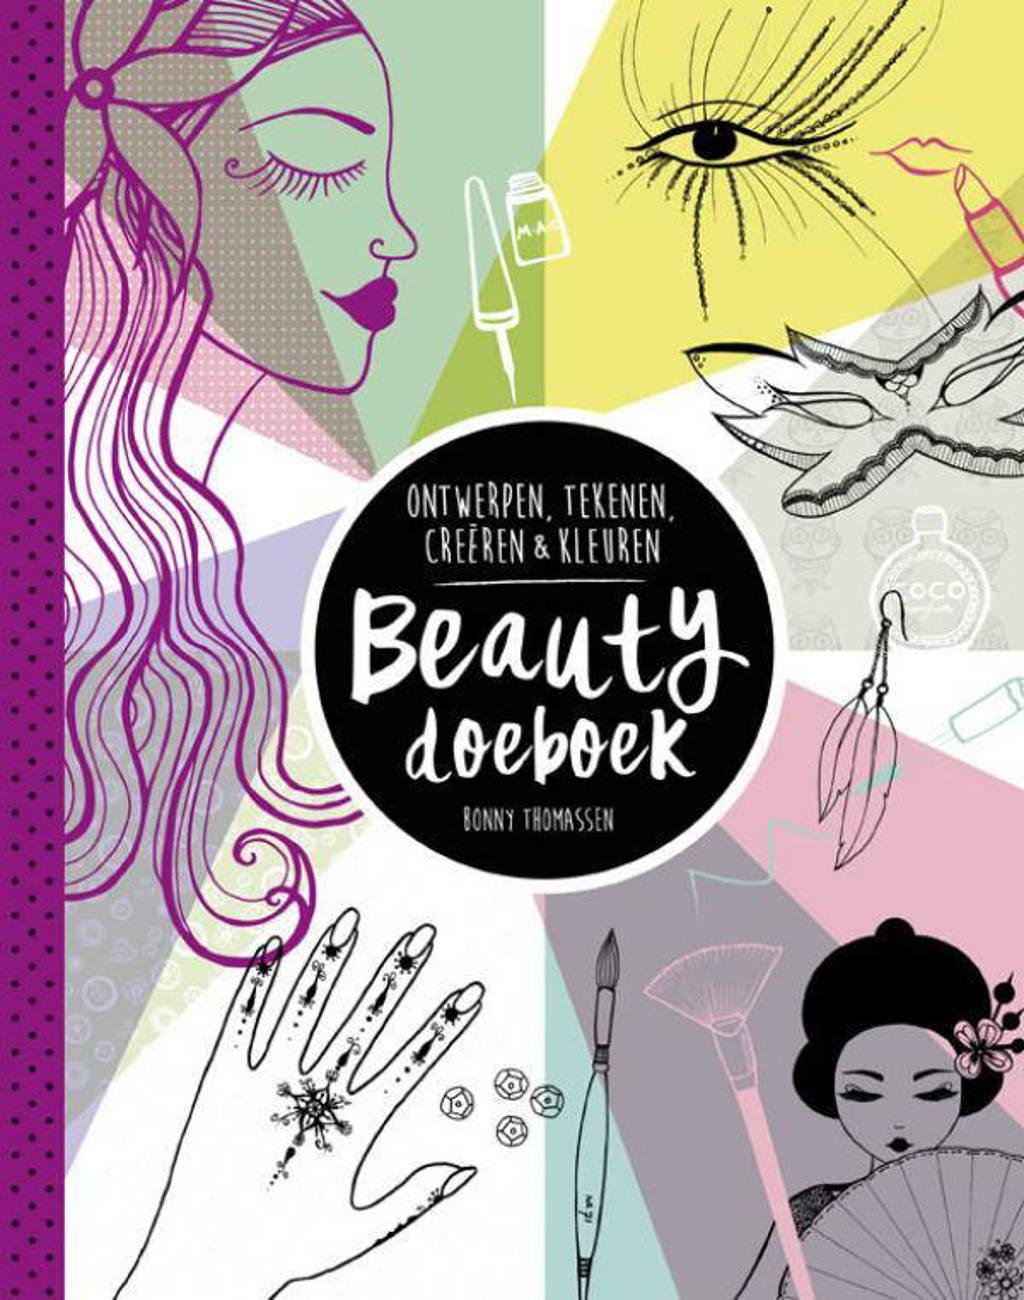 Beauty doeboek - Bonny Thomassen